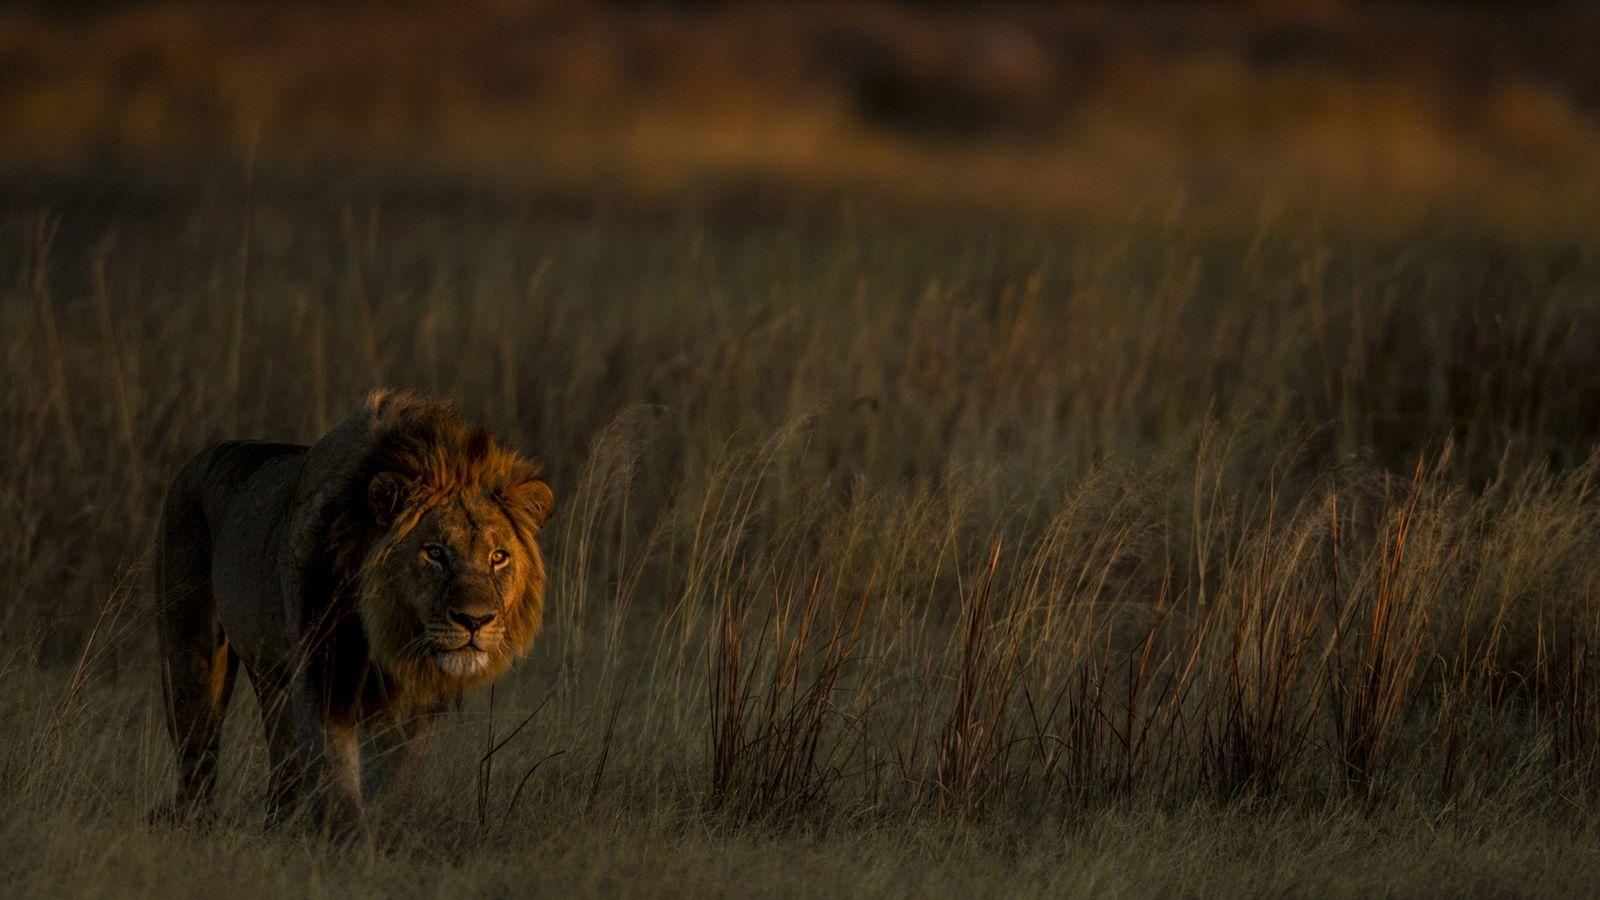 Il ne restait plus que deux lions dans la réserve de Selinda lorsque la chasse n'a ...